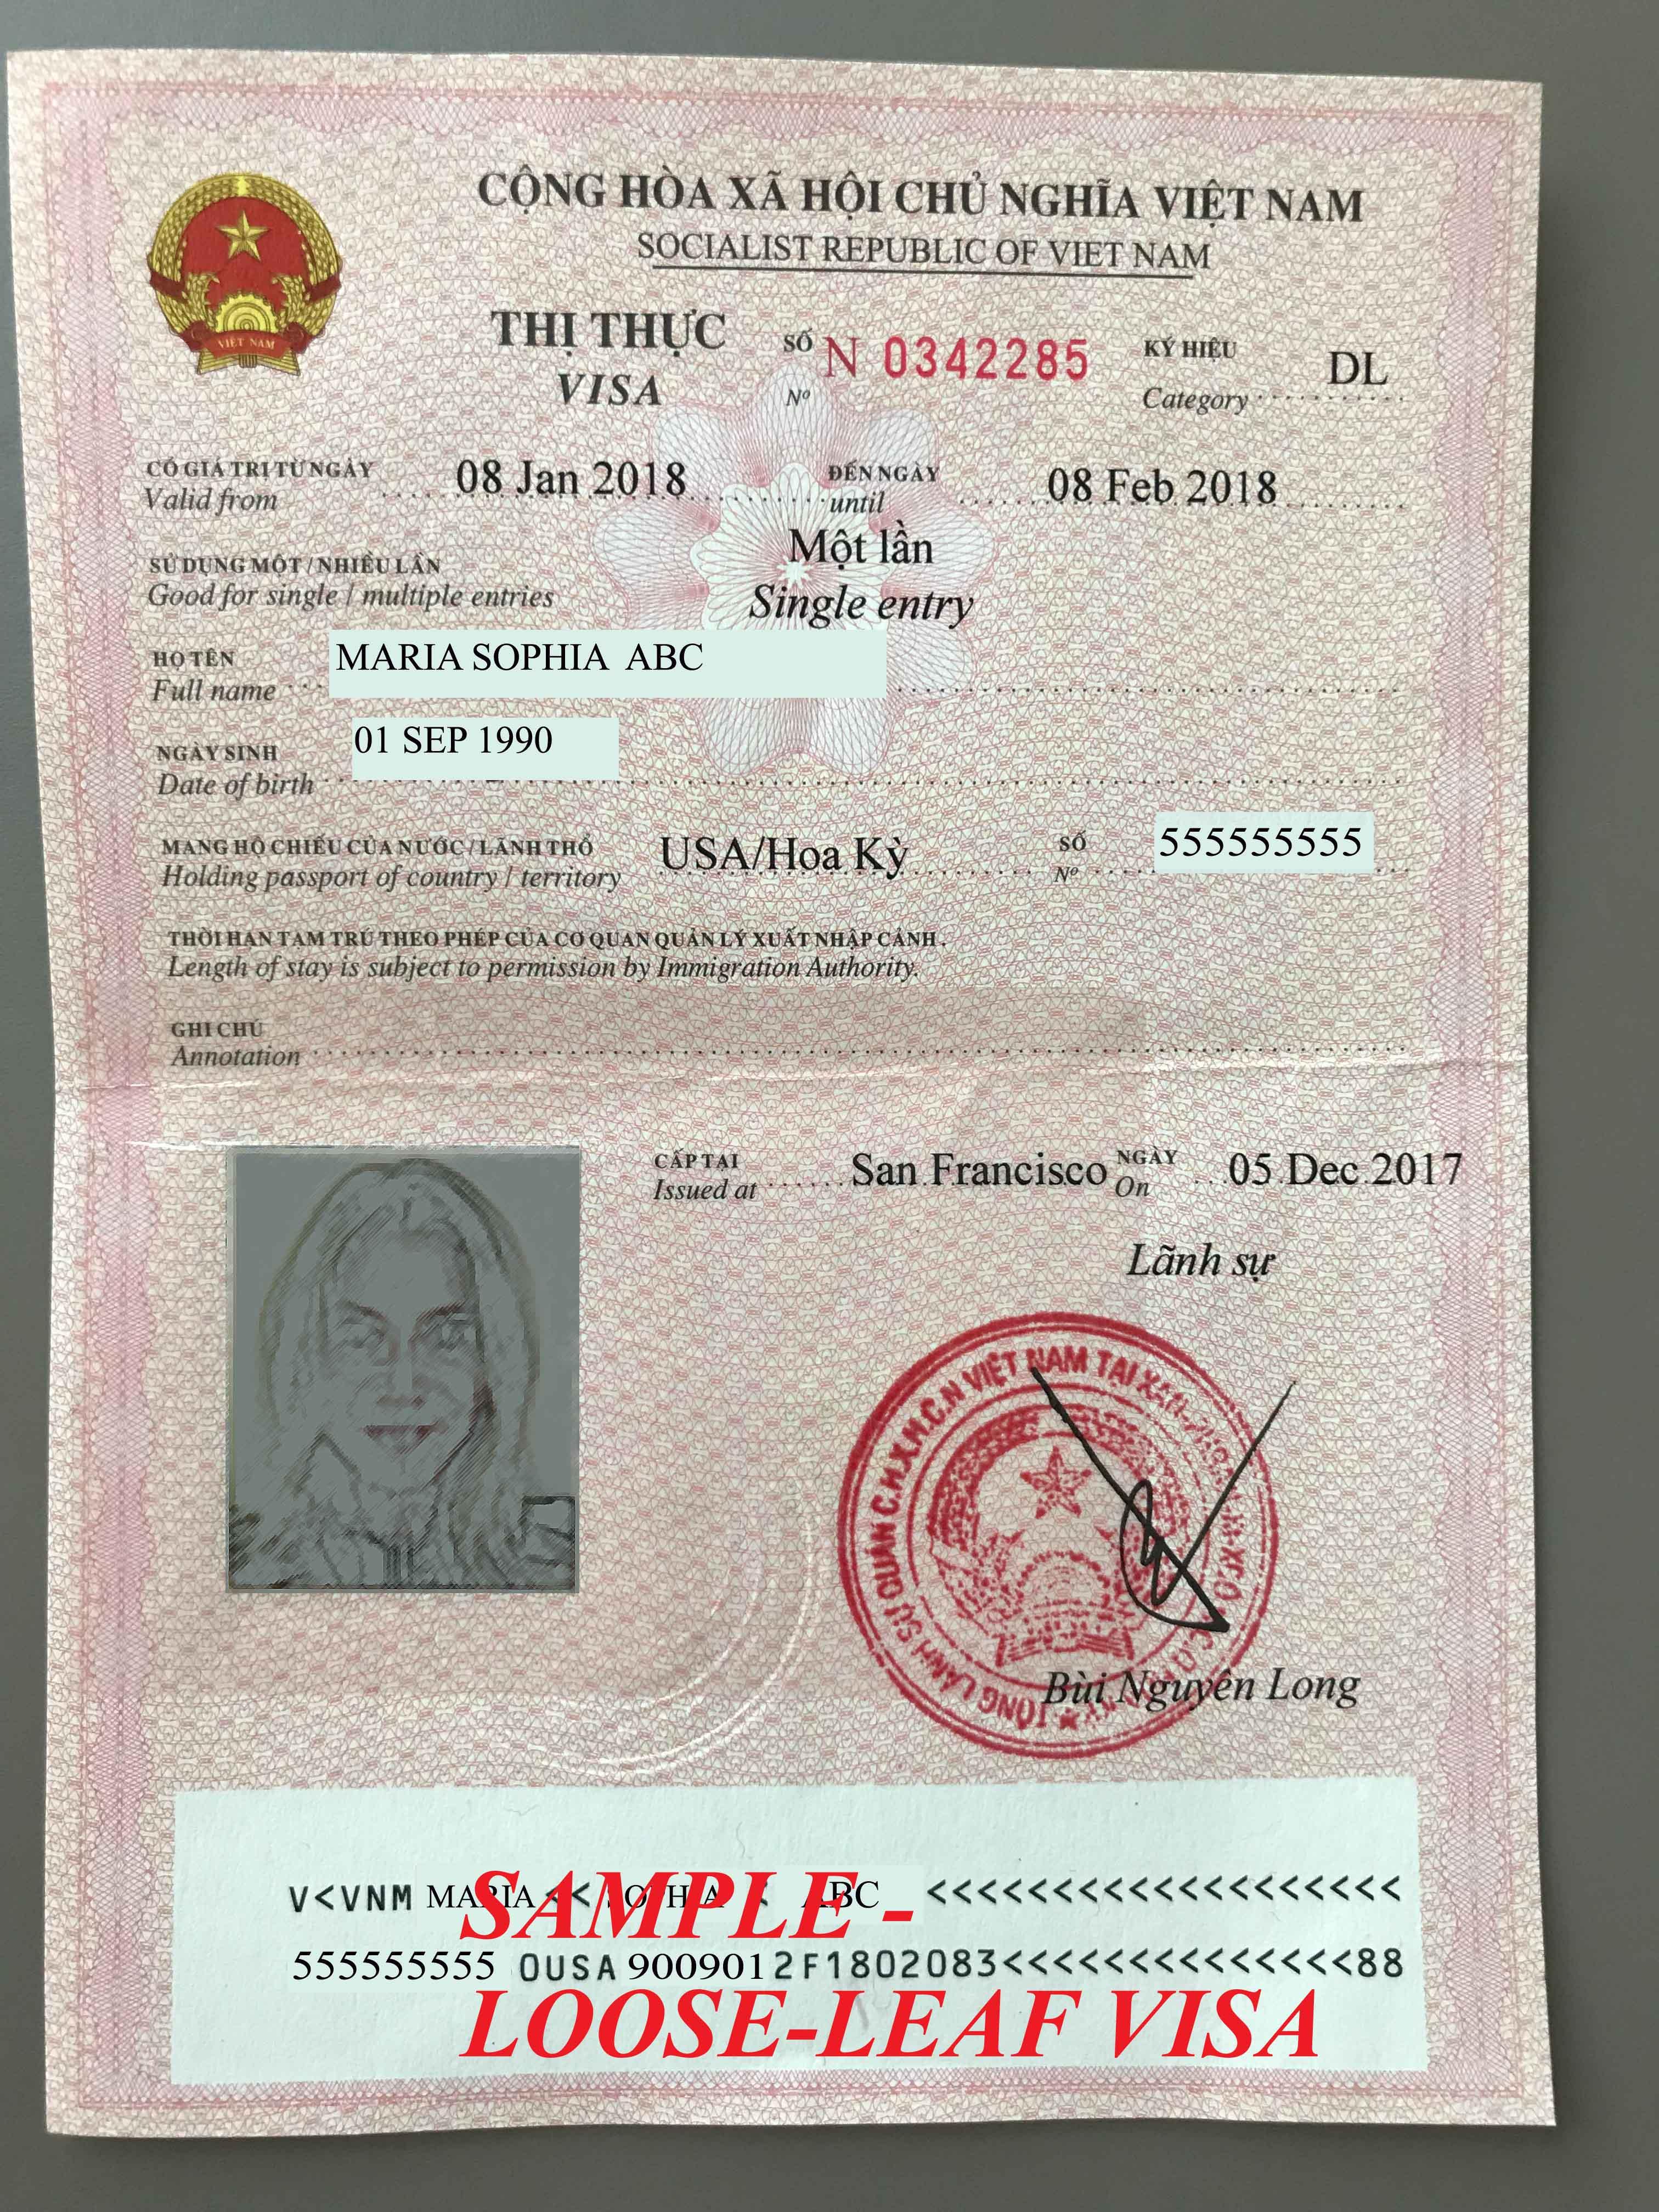 Visa - VietNam Consulate